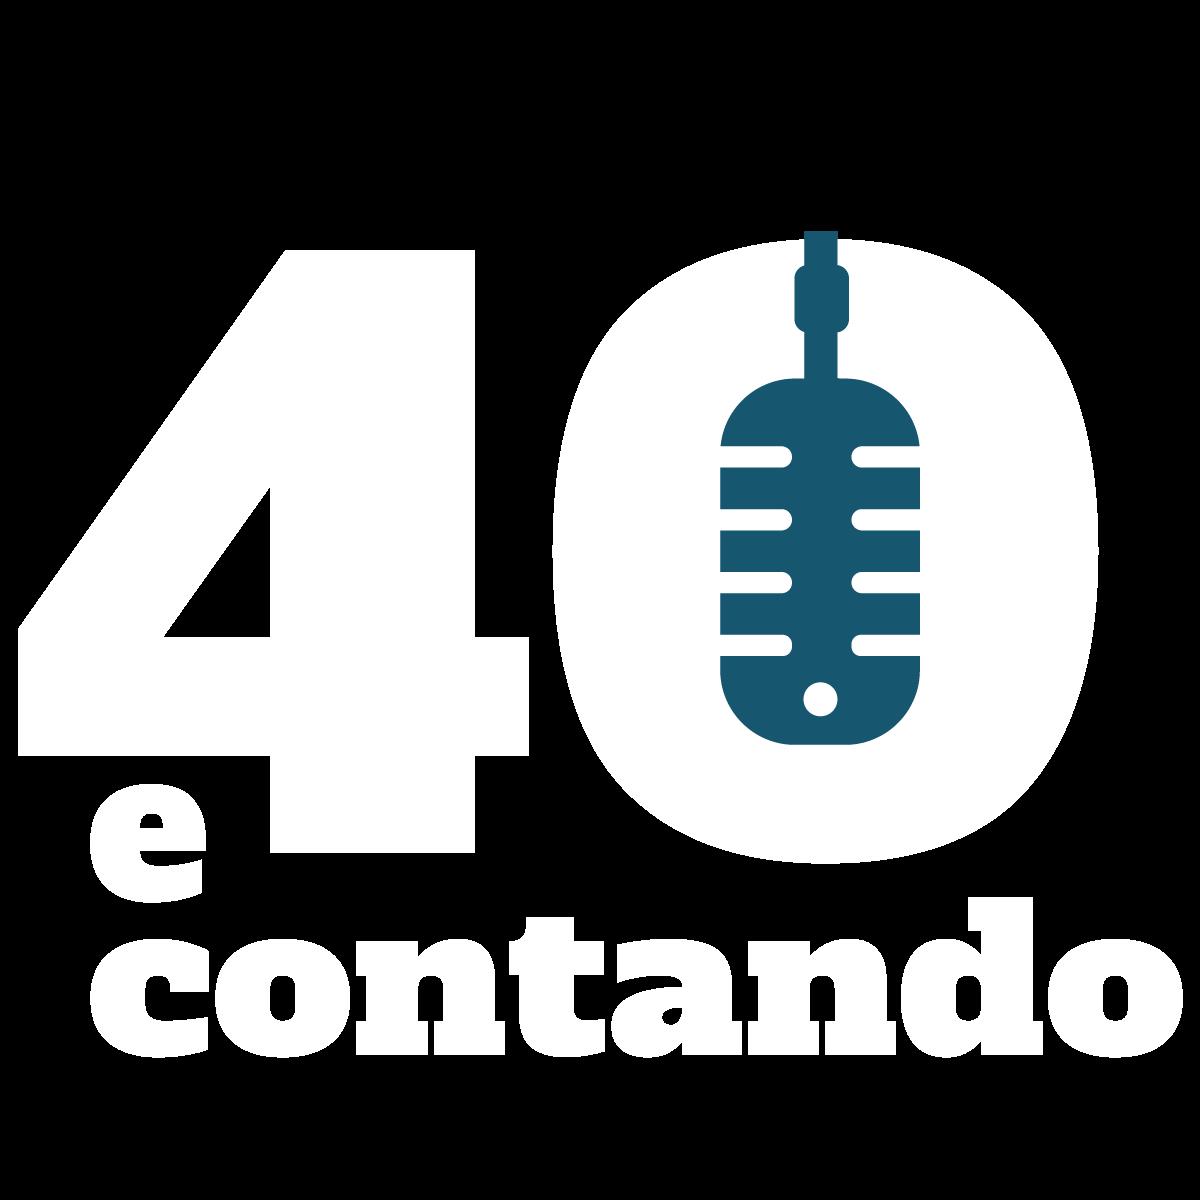 40 e contando